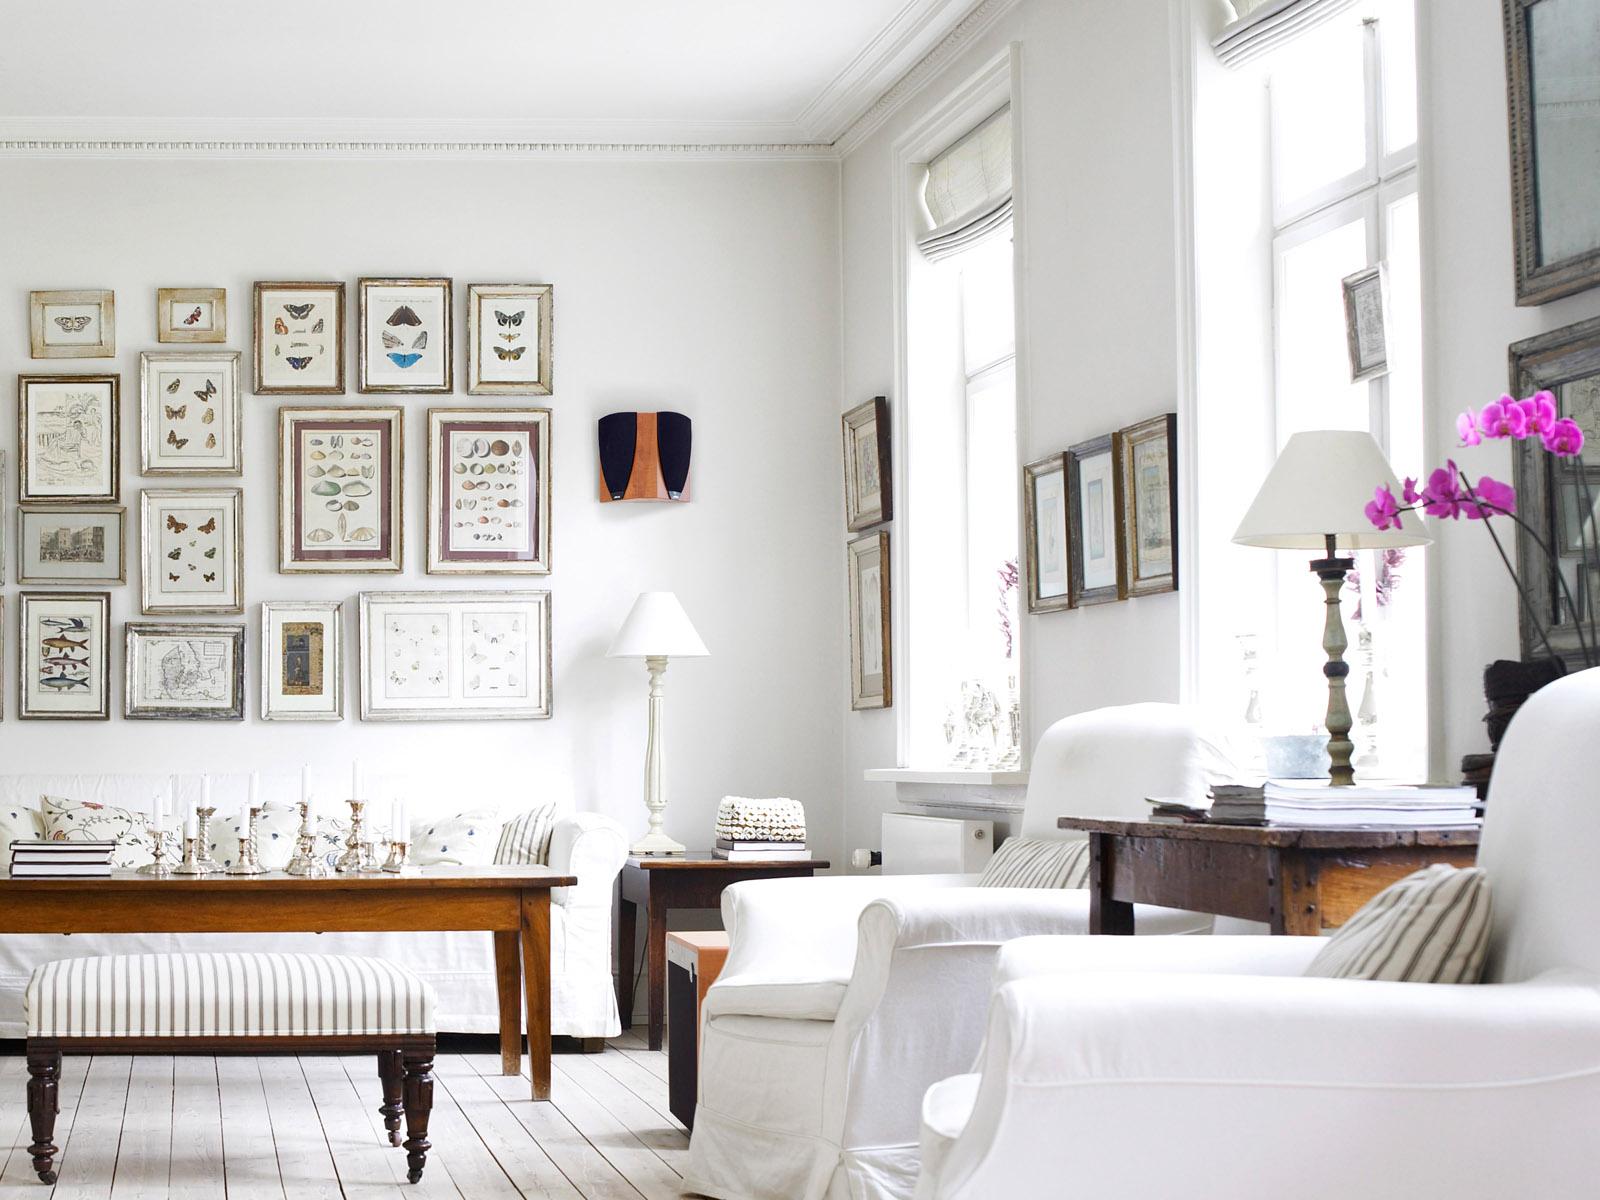 Interior Design Ideas: General Interior Design Ideas